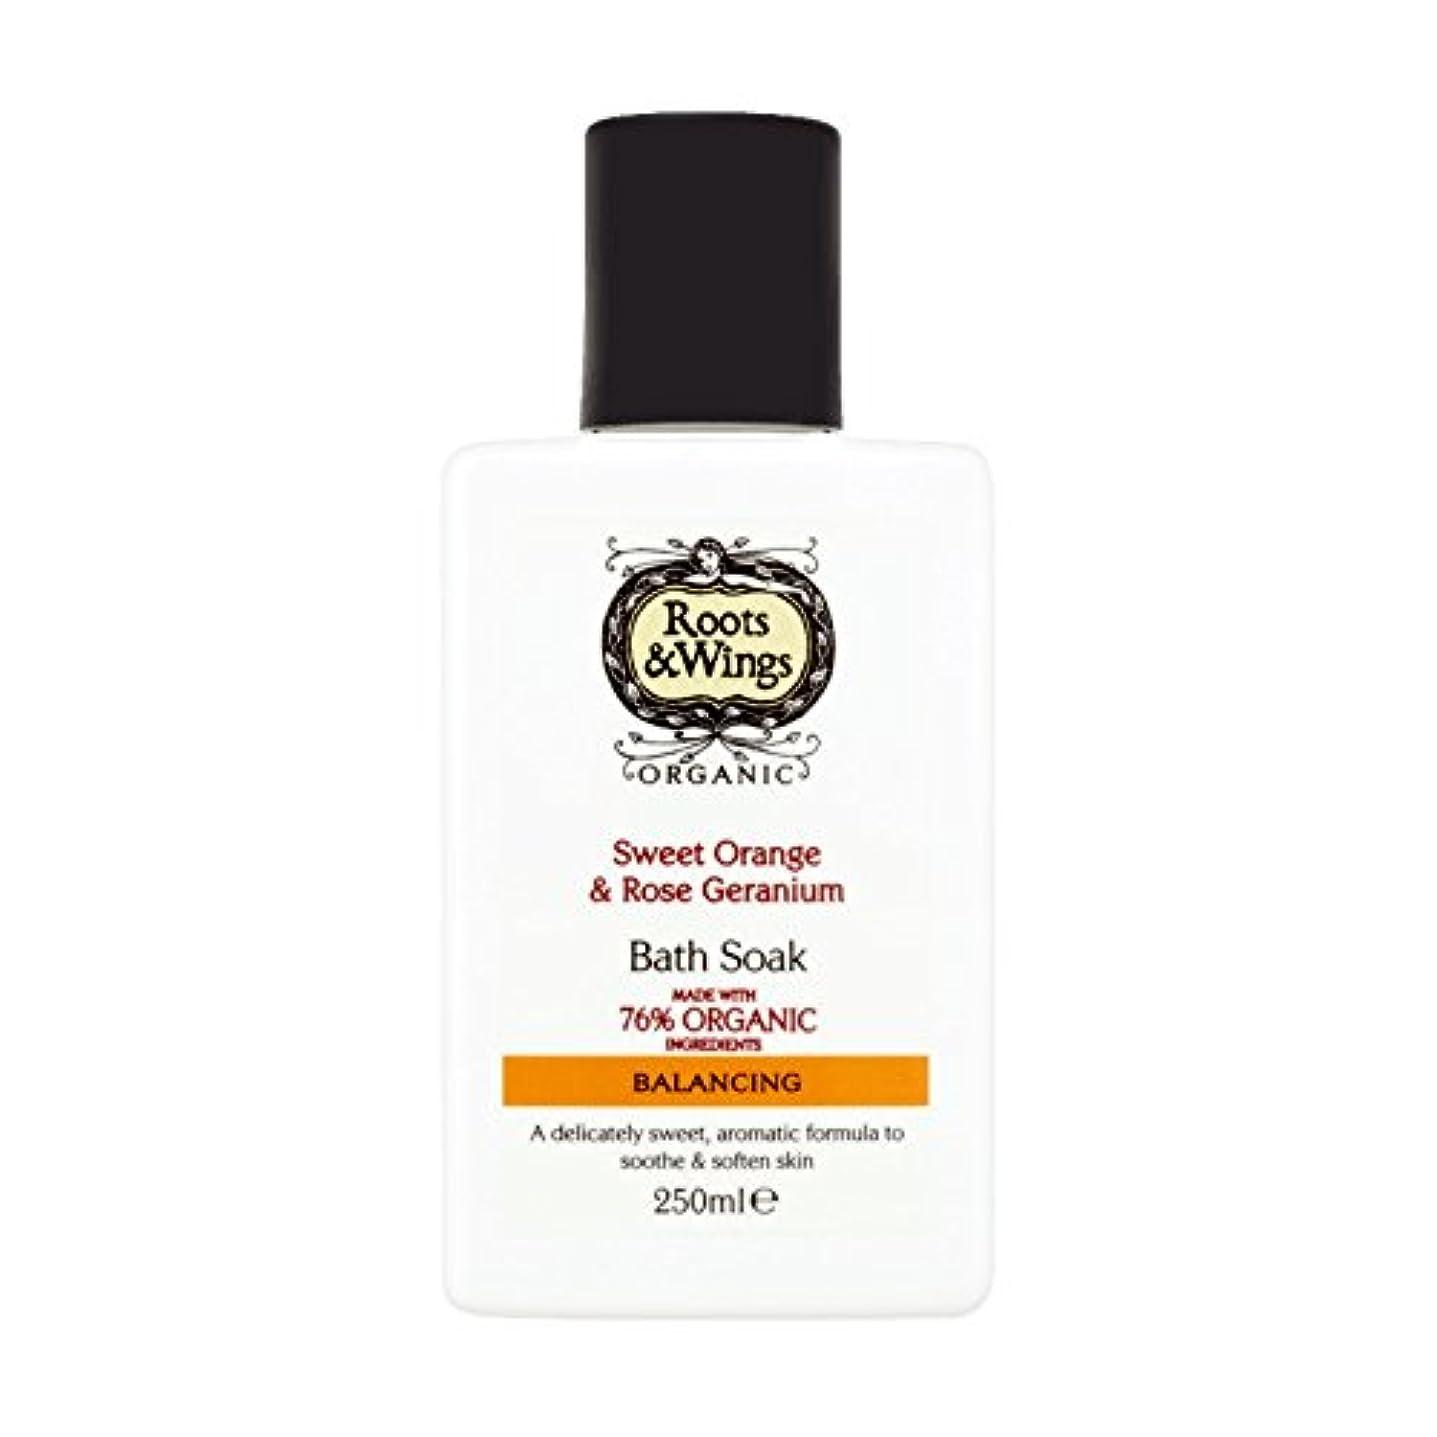 描く成長する抹消Roots & Wings Bath Soak Sweet Orange & Rose Geranium 250ml (Pack of 2) - ルーツ&翼バス甘いオレンジを浸し&ゼラニウム250ミリリットルをバラ (x2...